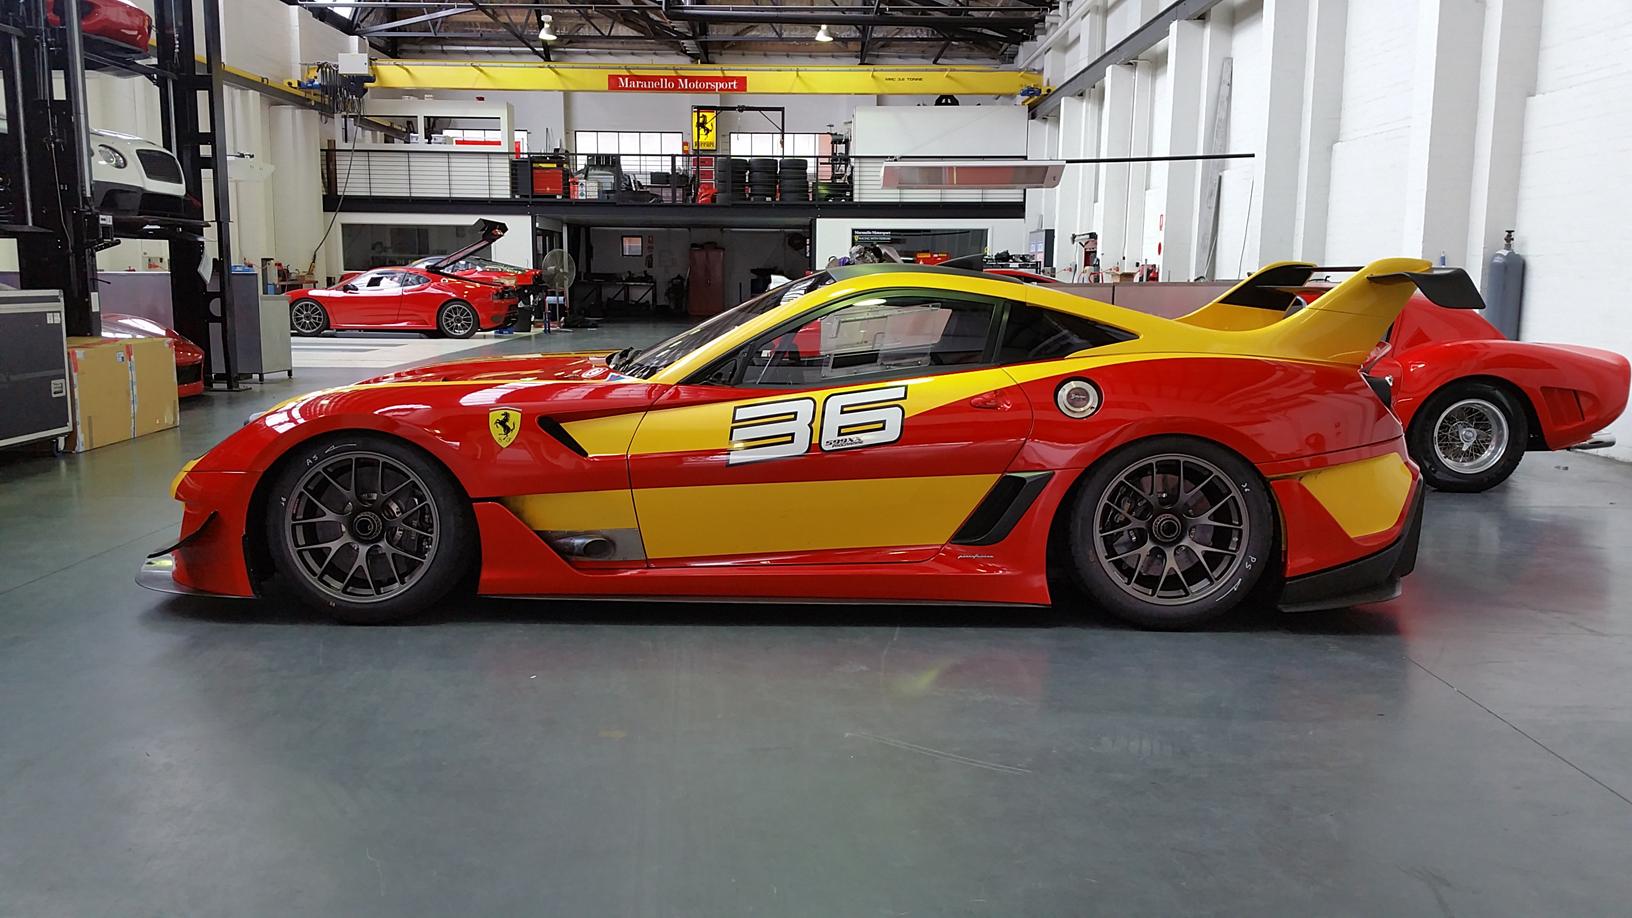 Ferrari 599 Xx Evo Sold Maranello Motorsport